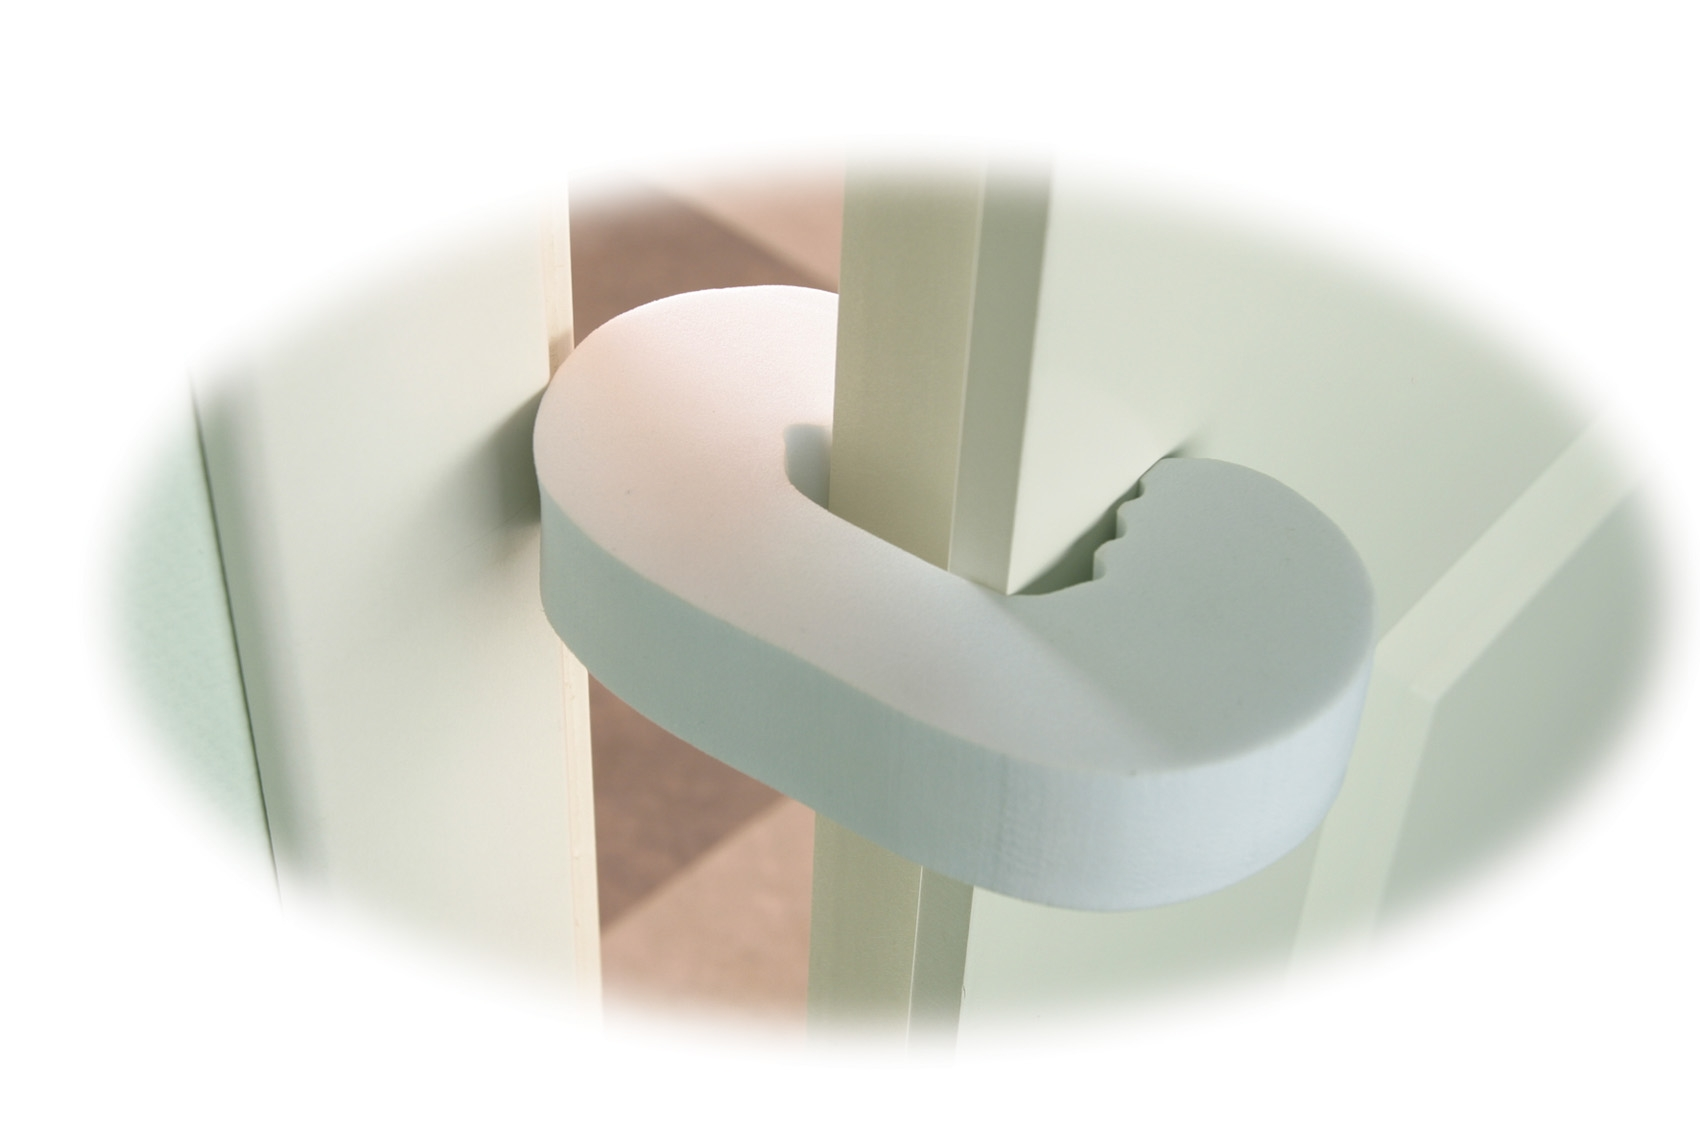 Безопасность Мир детства Фиксатор двери Мир Детства 19006 блокирующие устройства мир детства блокиратор для стеклянных дверей